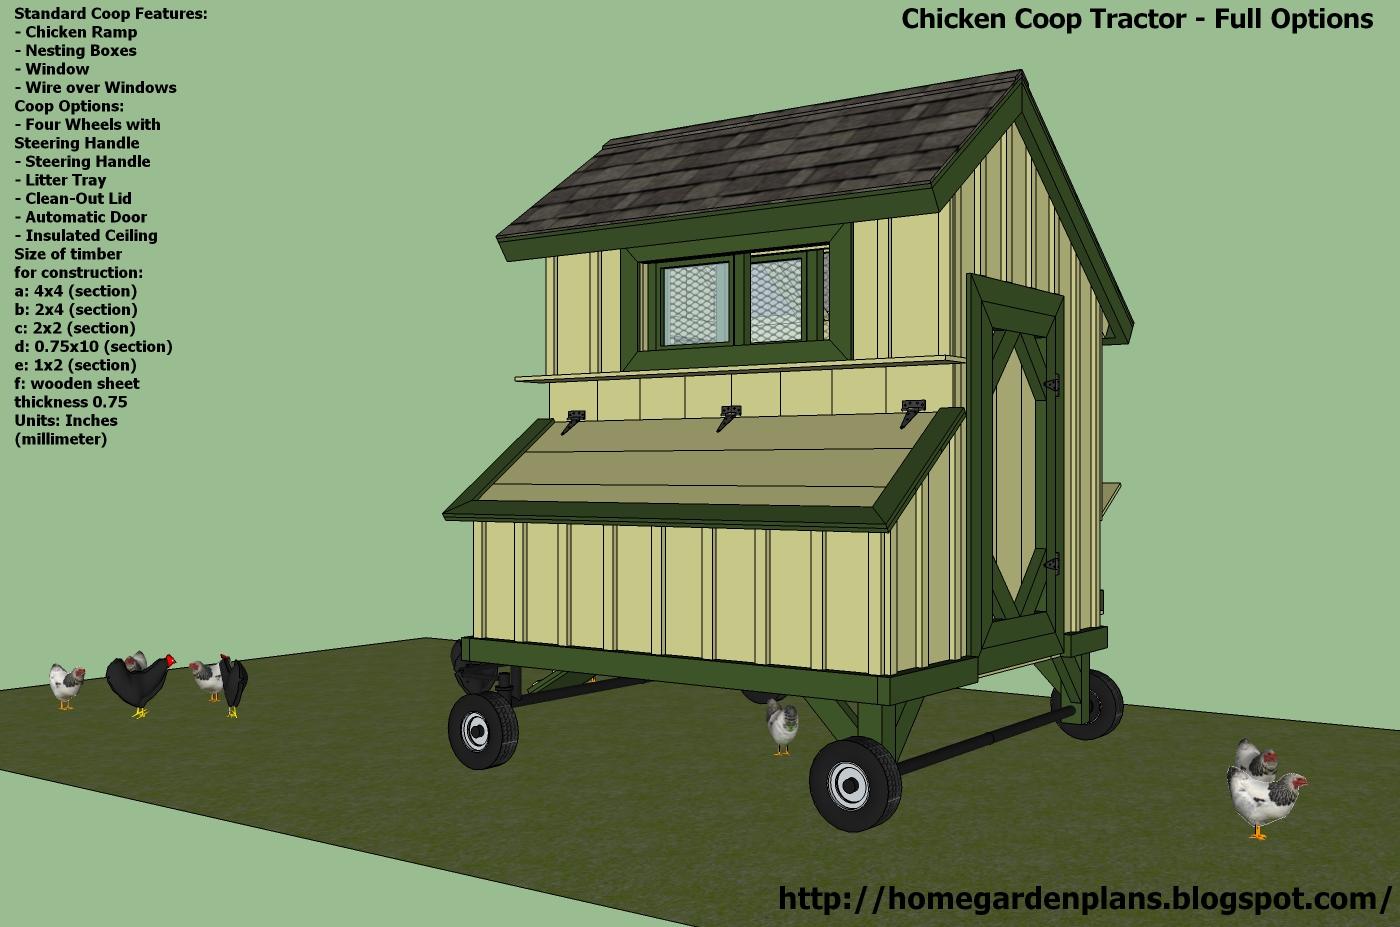 Home Garden Plans T200 Chicken Coop Tractor Plans